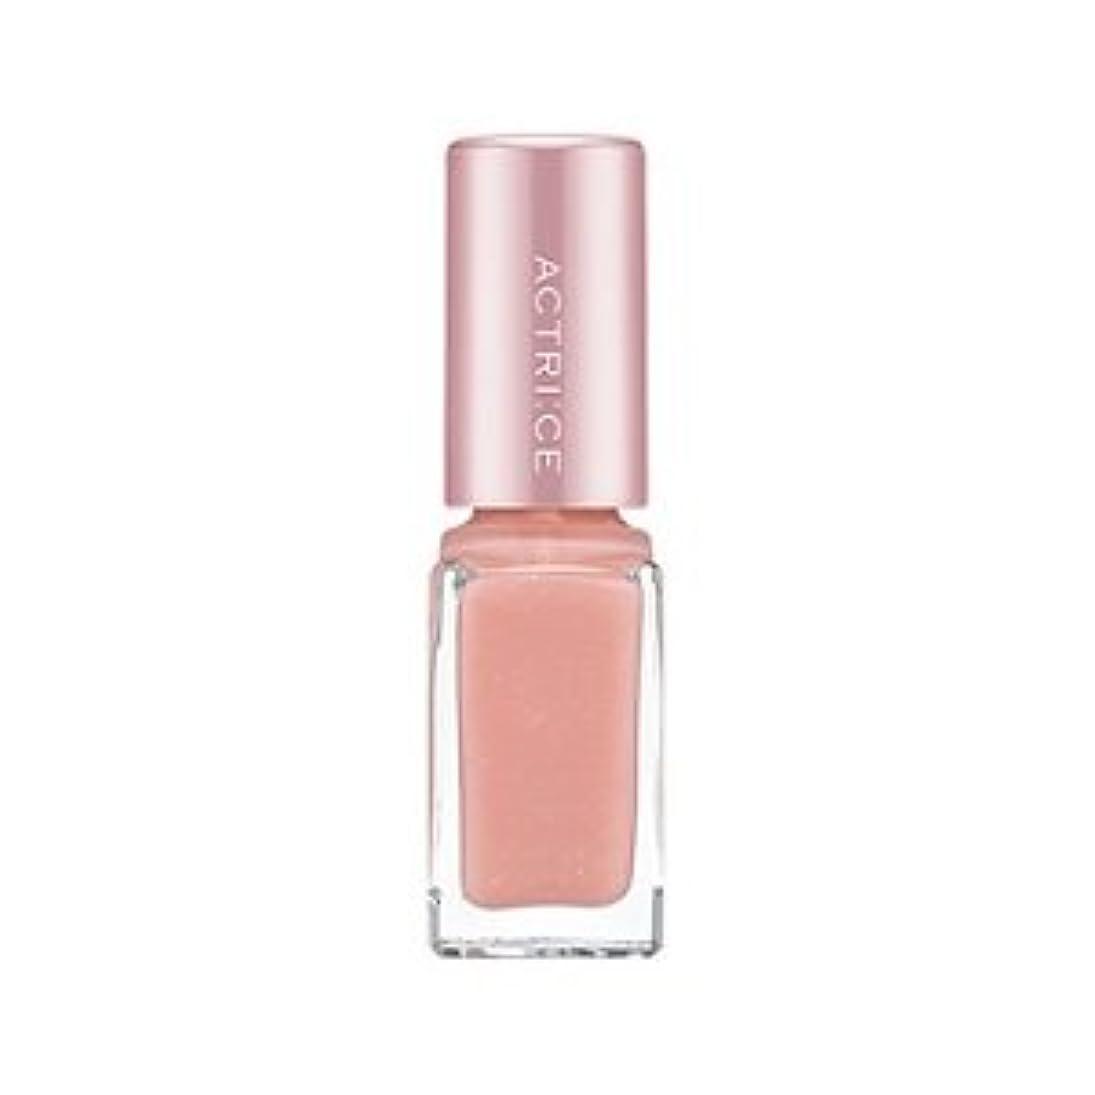 カレッジバイナリ飾り羽ノエビア アクトリース ネイル 01 クリーミィ ピンク